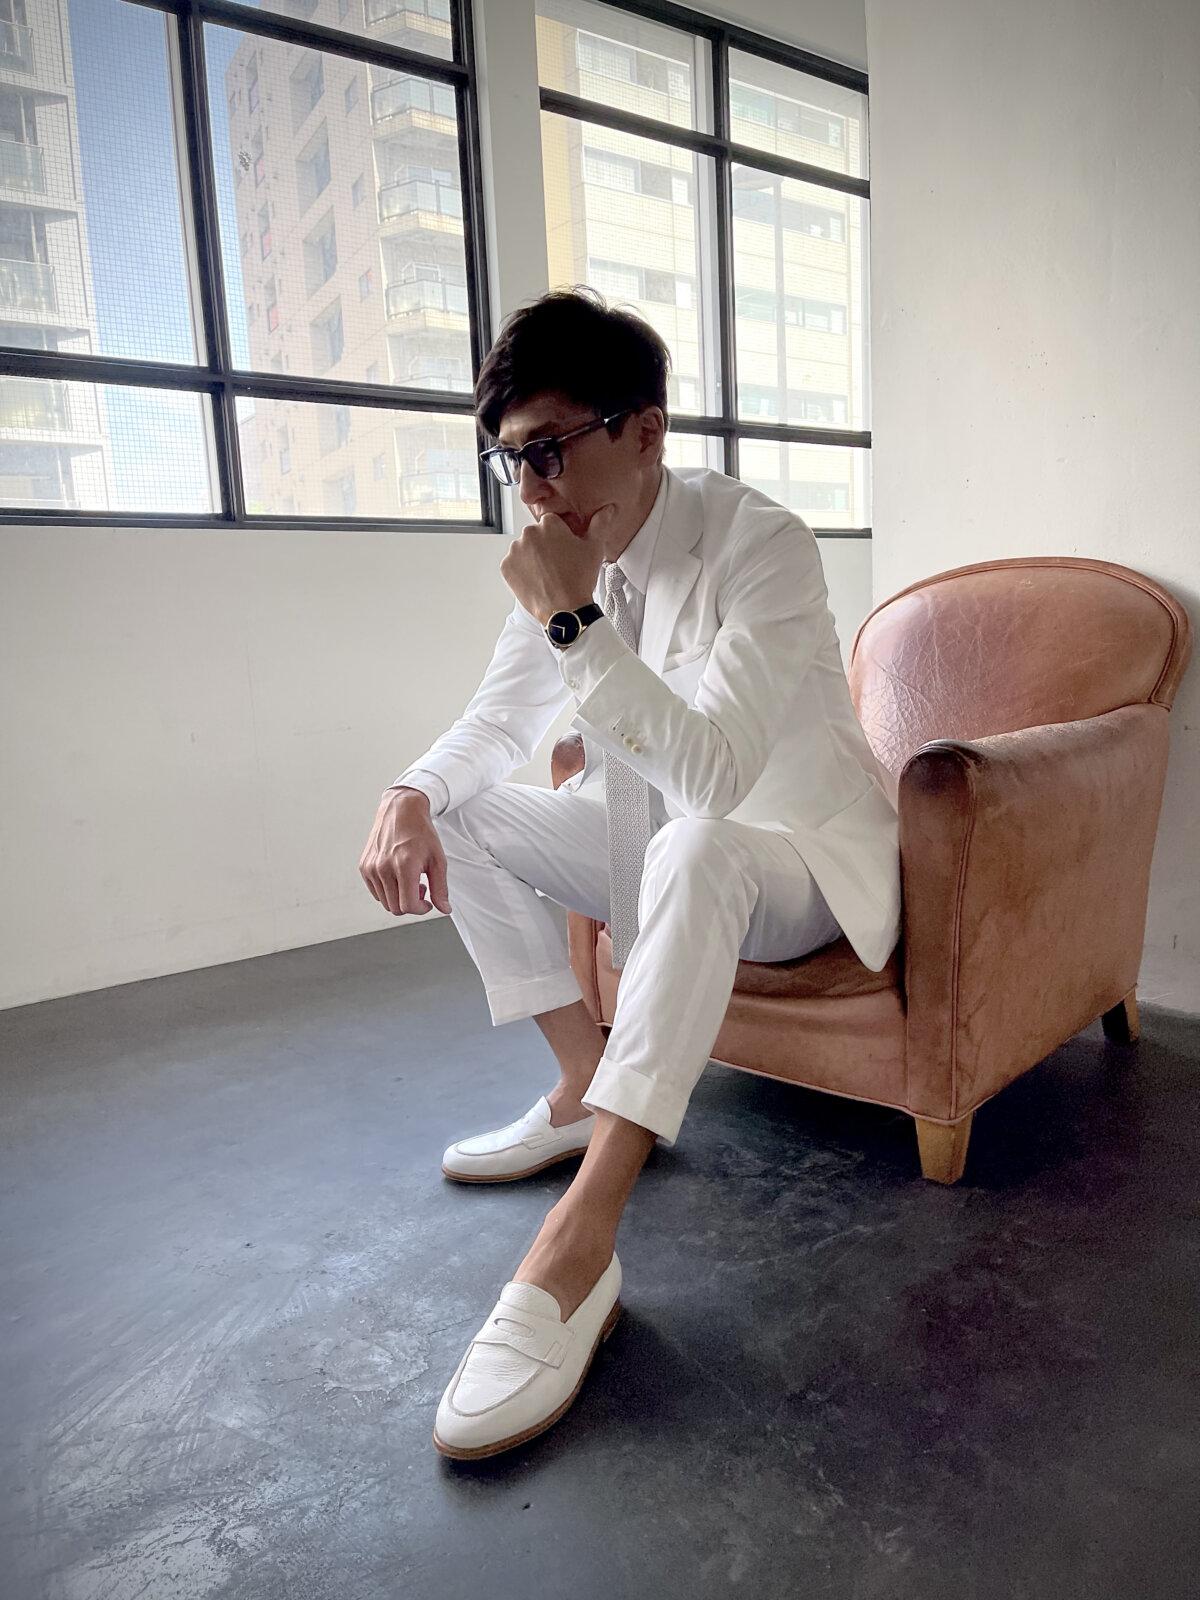 白スーツでさらに引き立つH.モーザー - 戸賀 敬城 |04oomiya